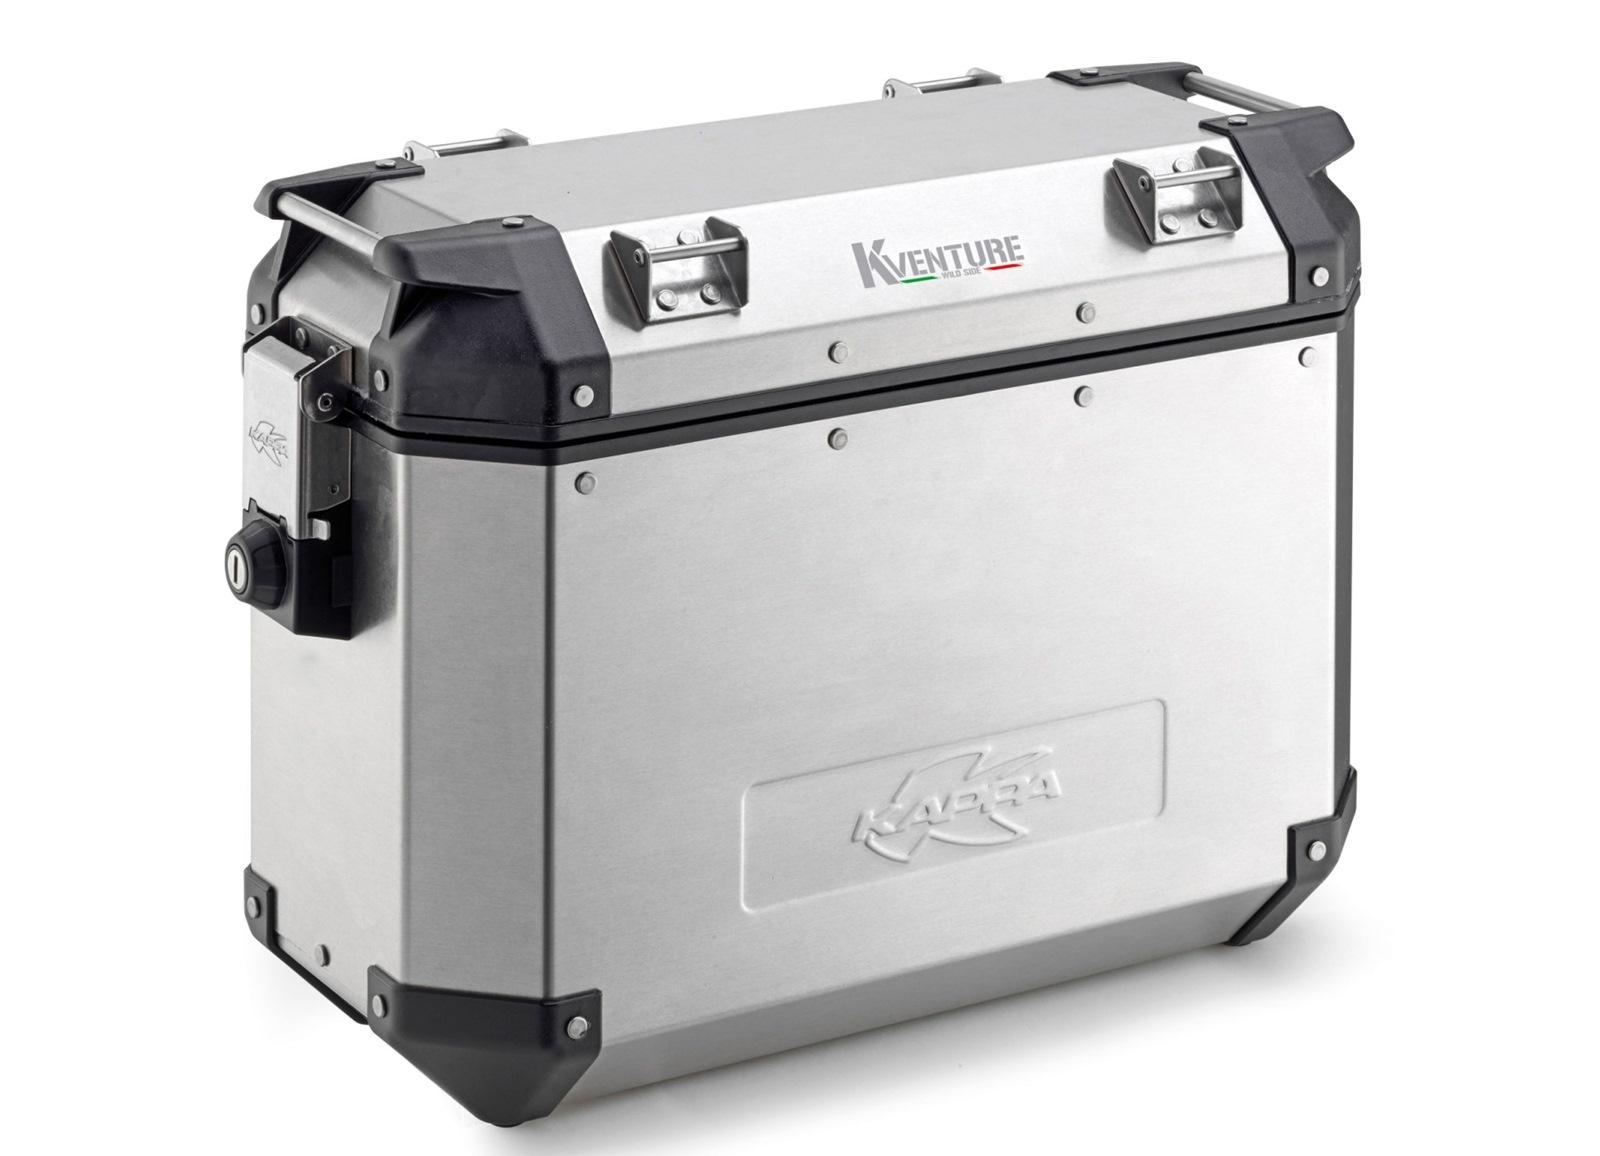 Foto de Kappa K-Venture, maletas de alumino (4/5)